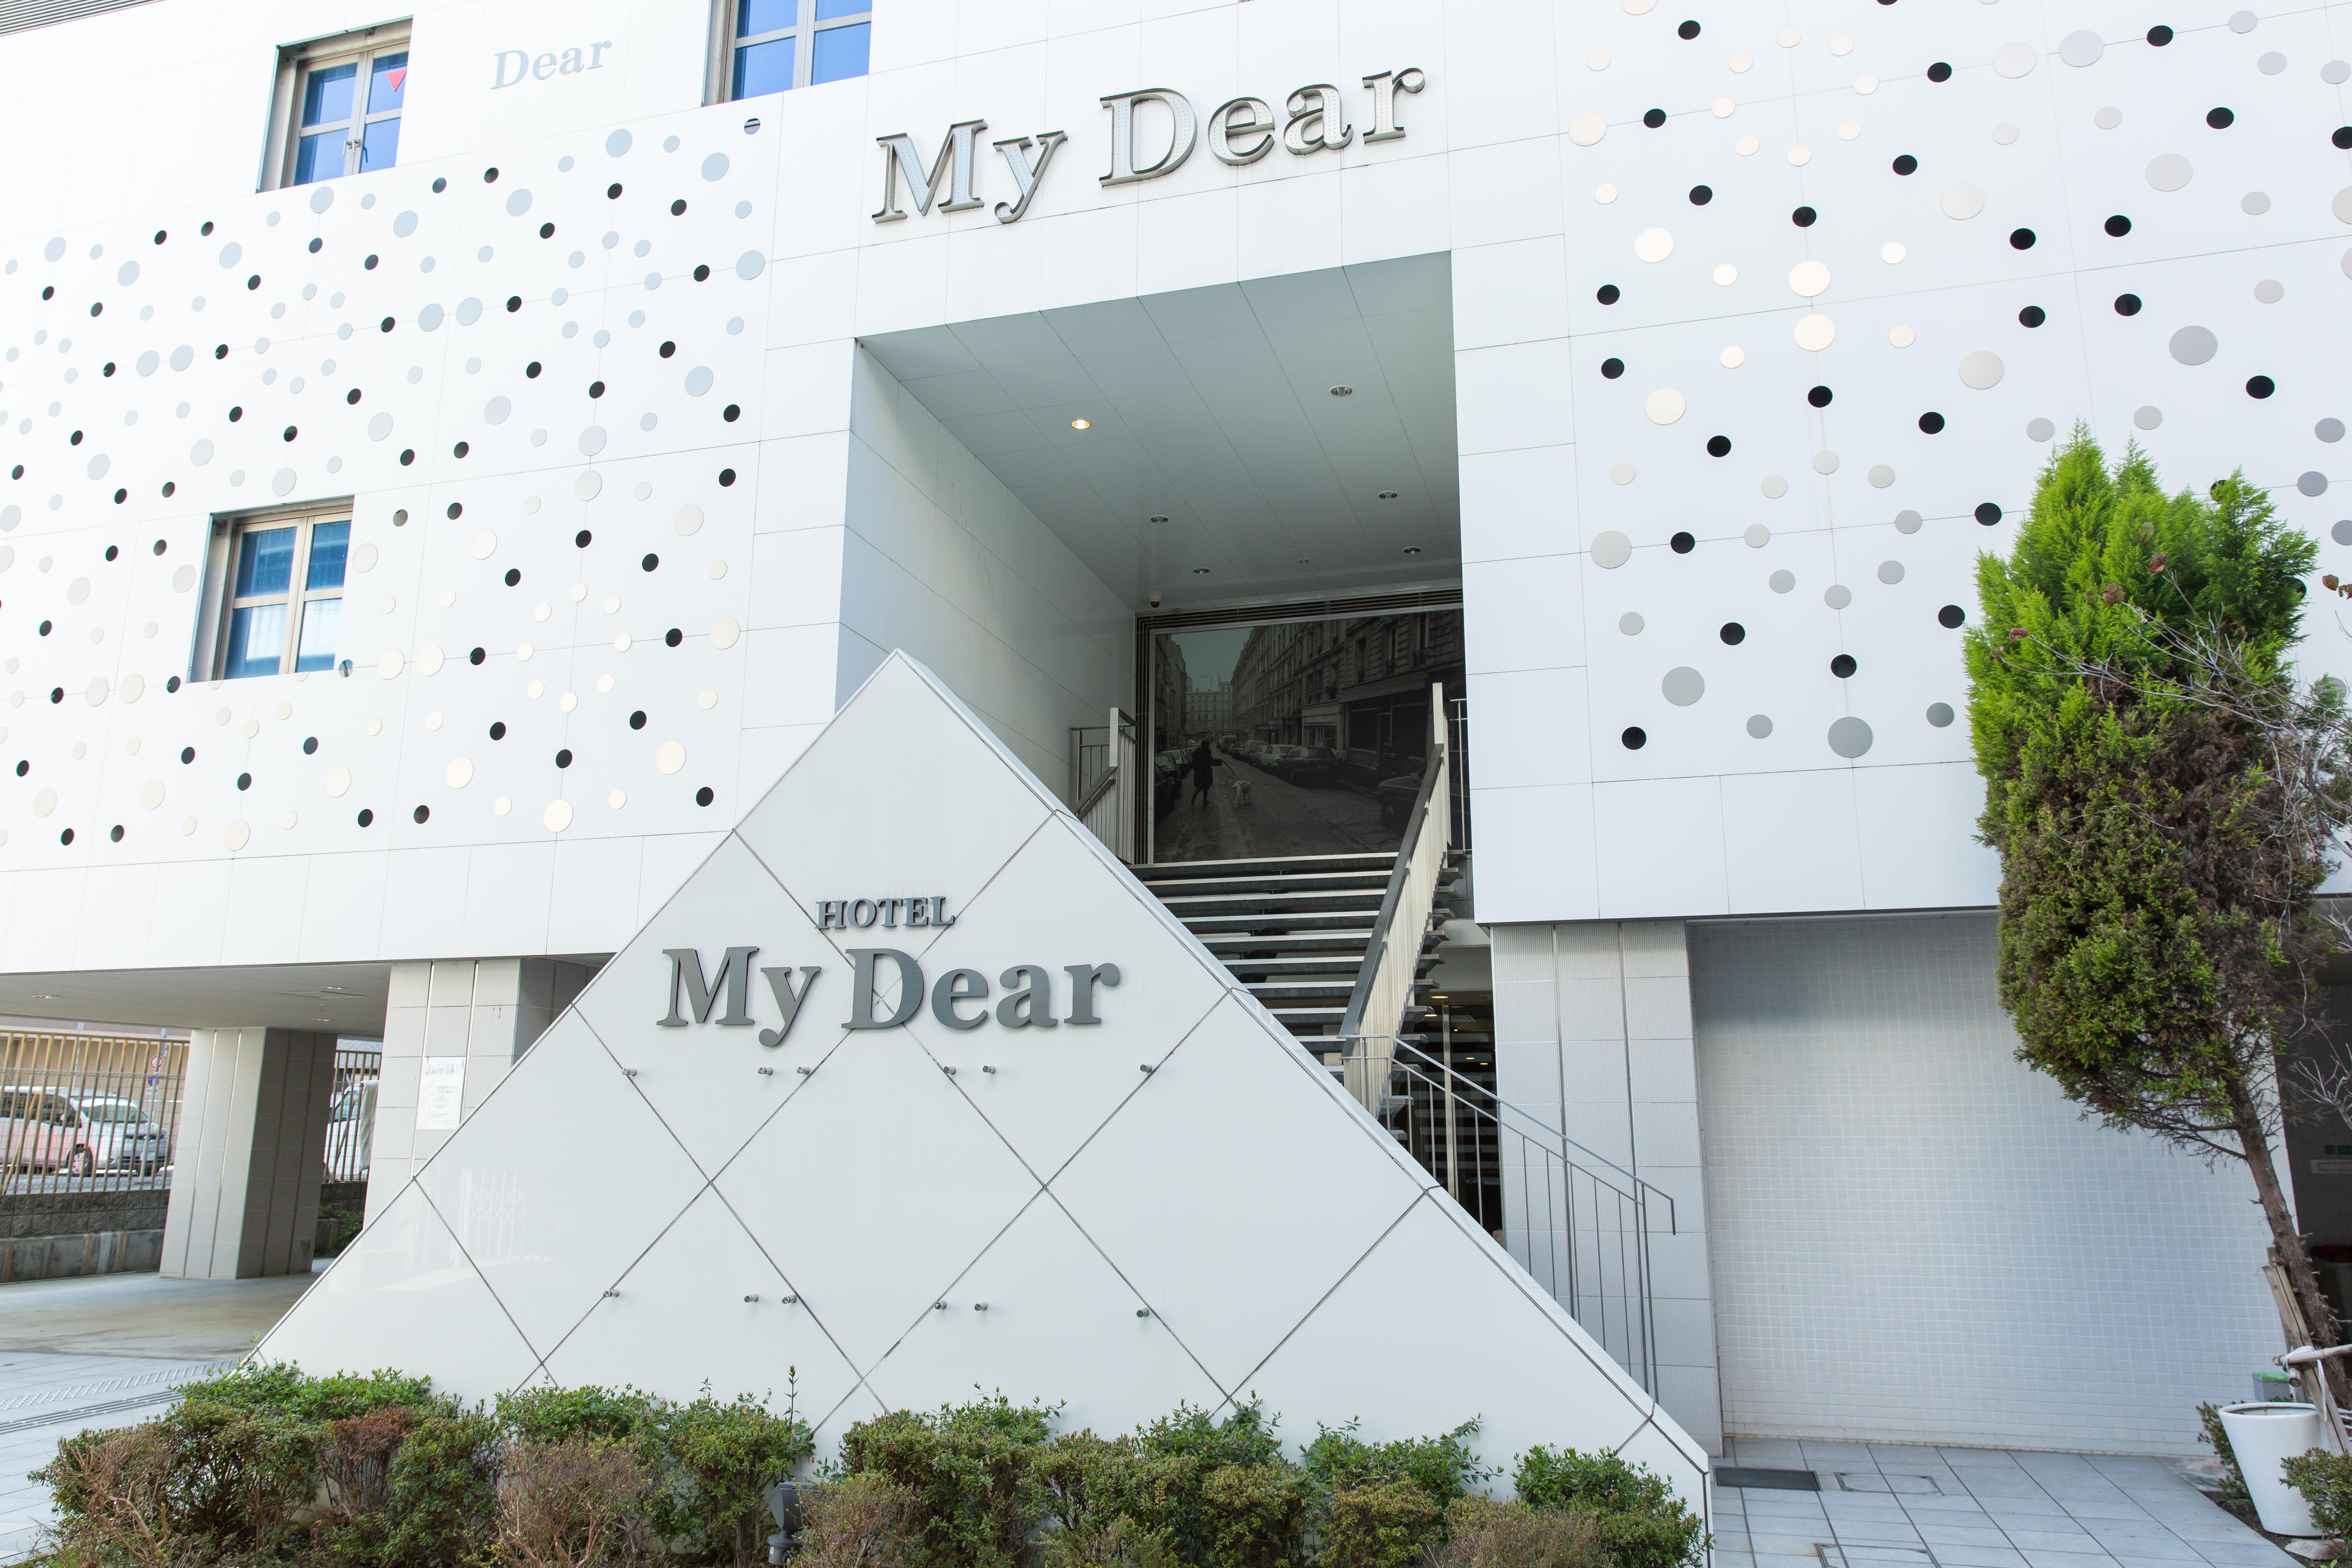 MyDear